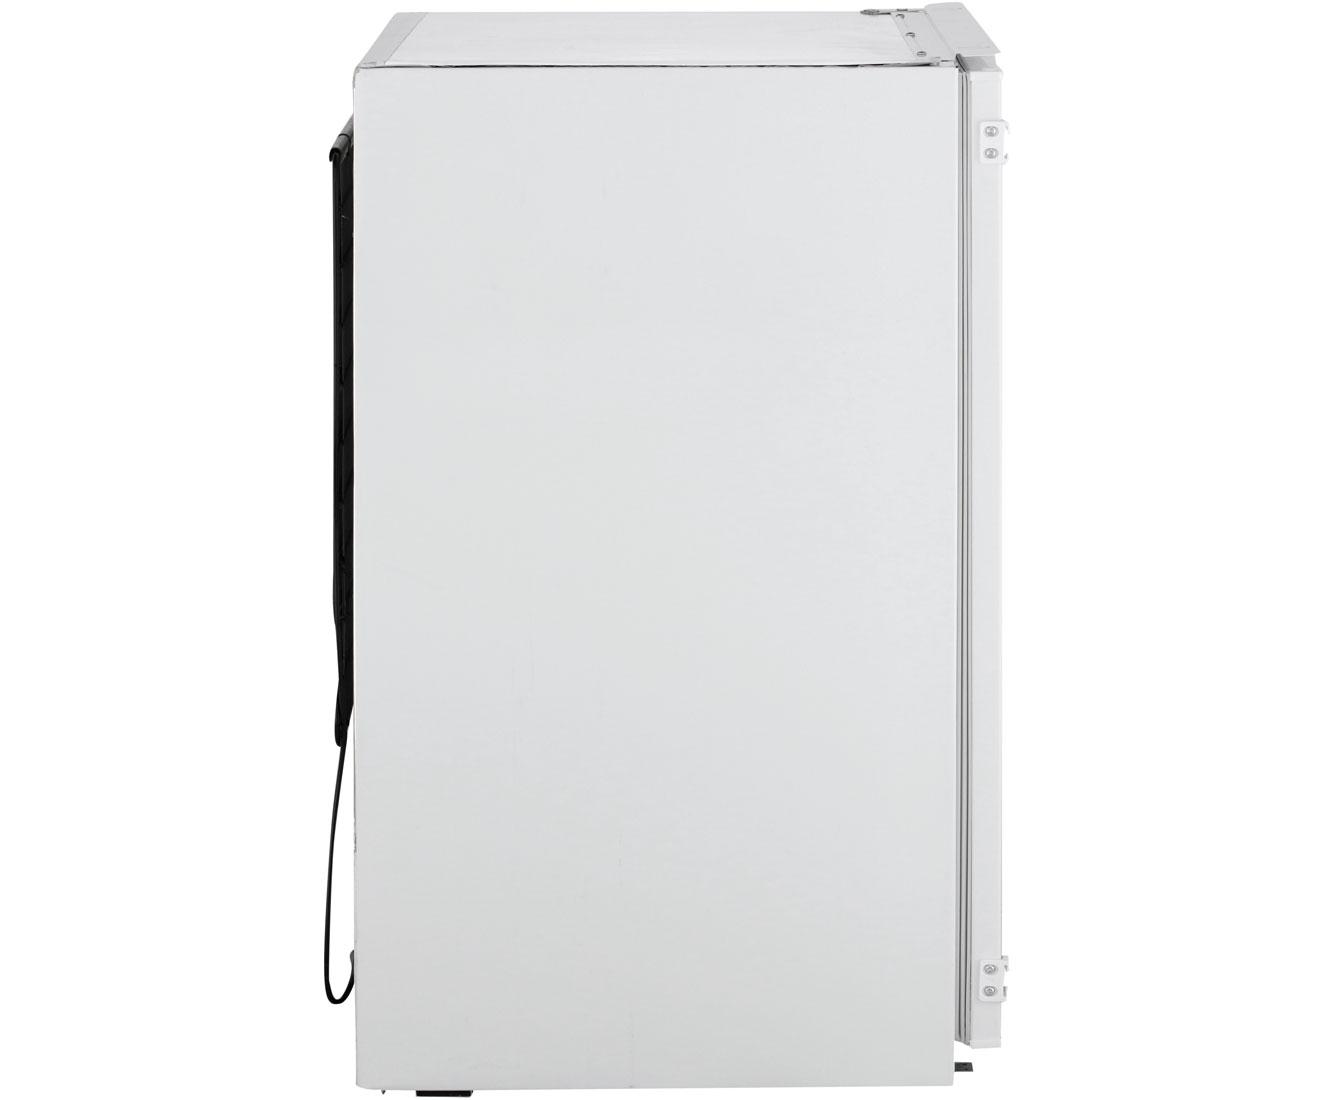 Amica Kühlschrank Gebrauchsanweisung : Amica eks 16161 einbau kühlschrank mit gefrierfach schlepptür